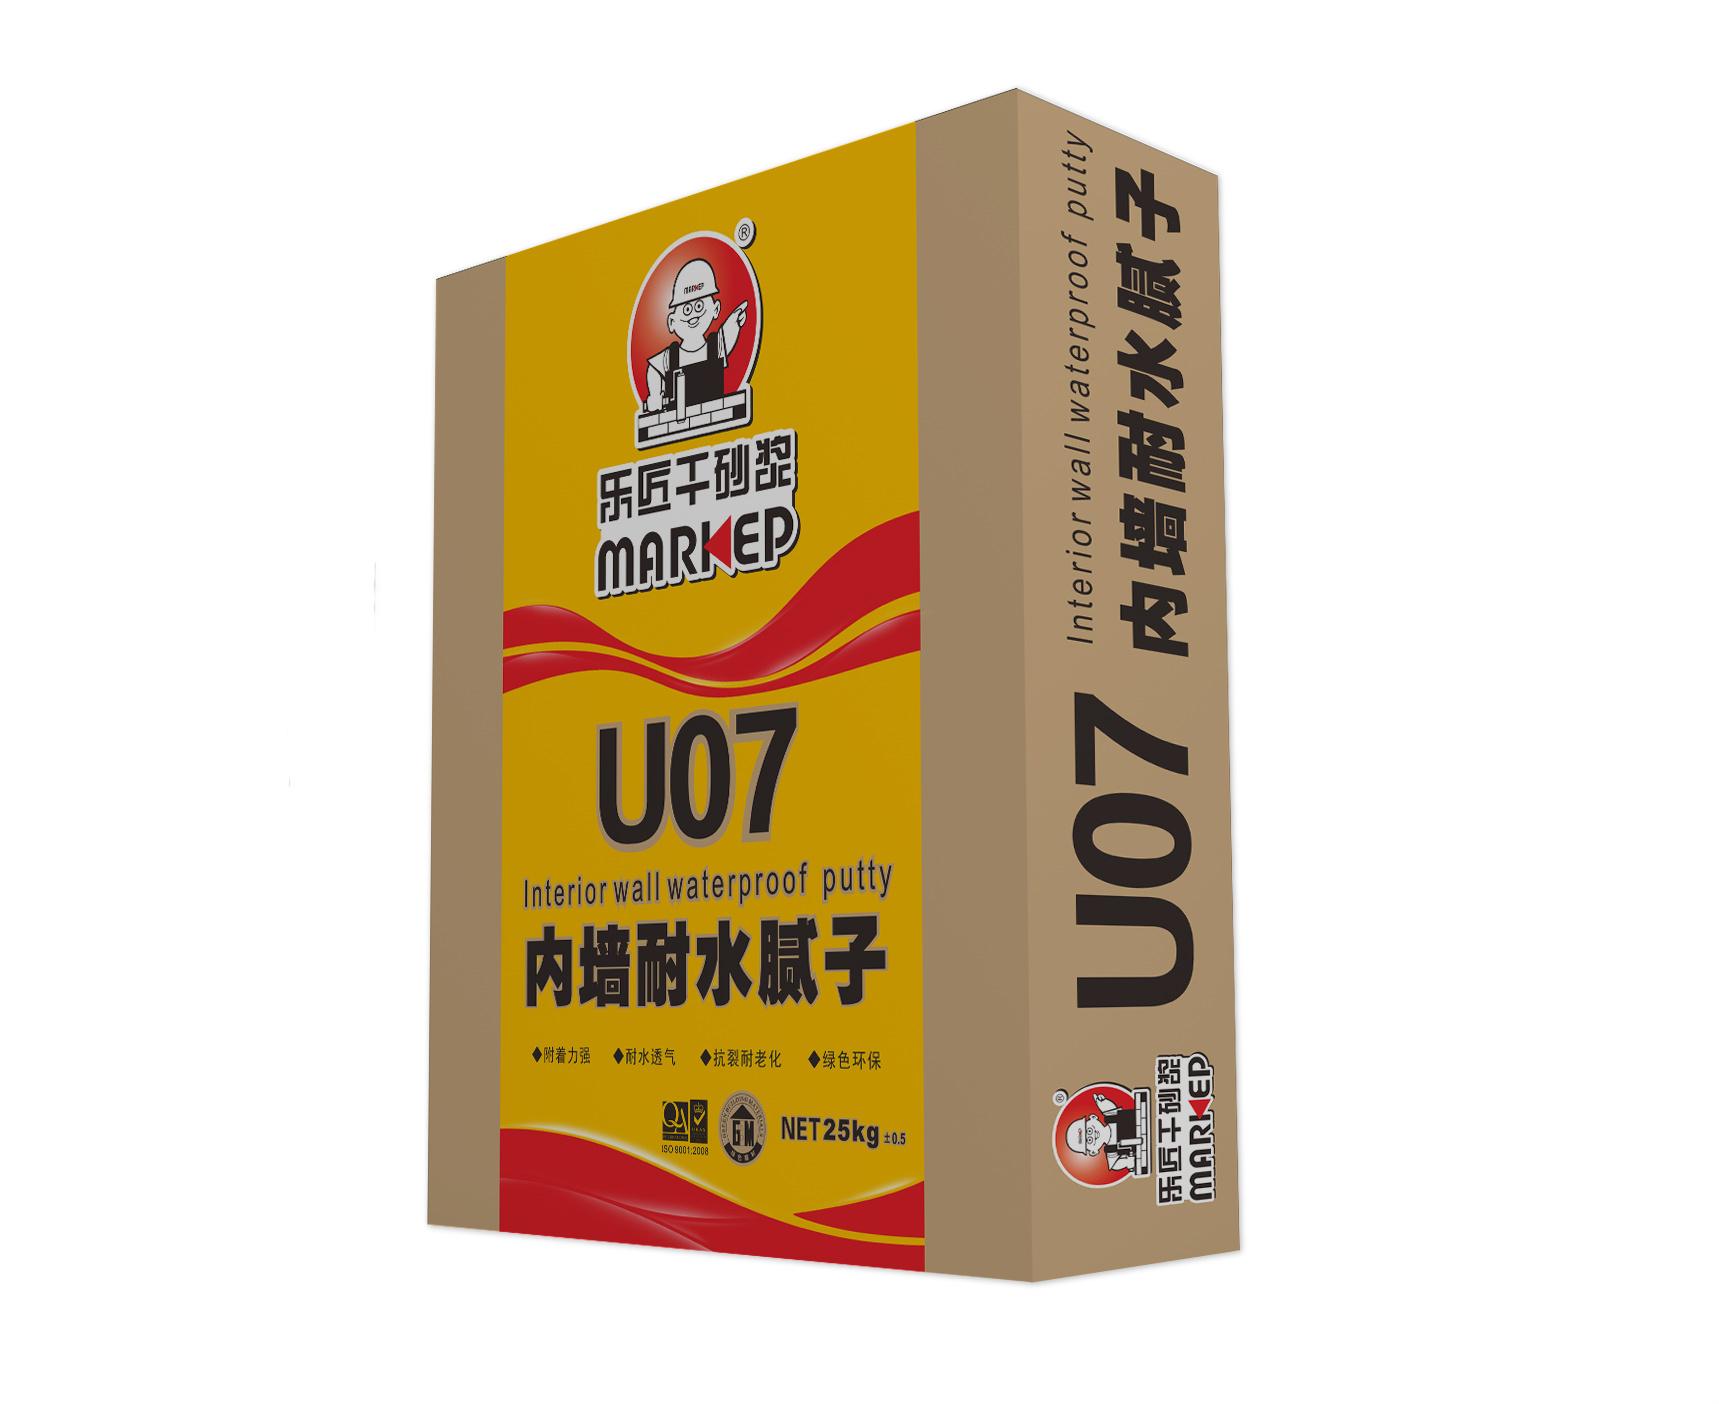 U07内墙腻子(水泥基耐水型)